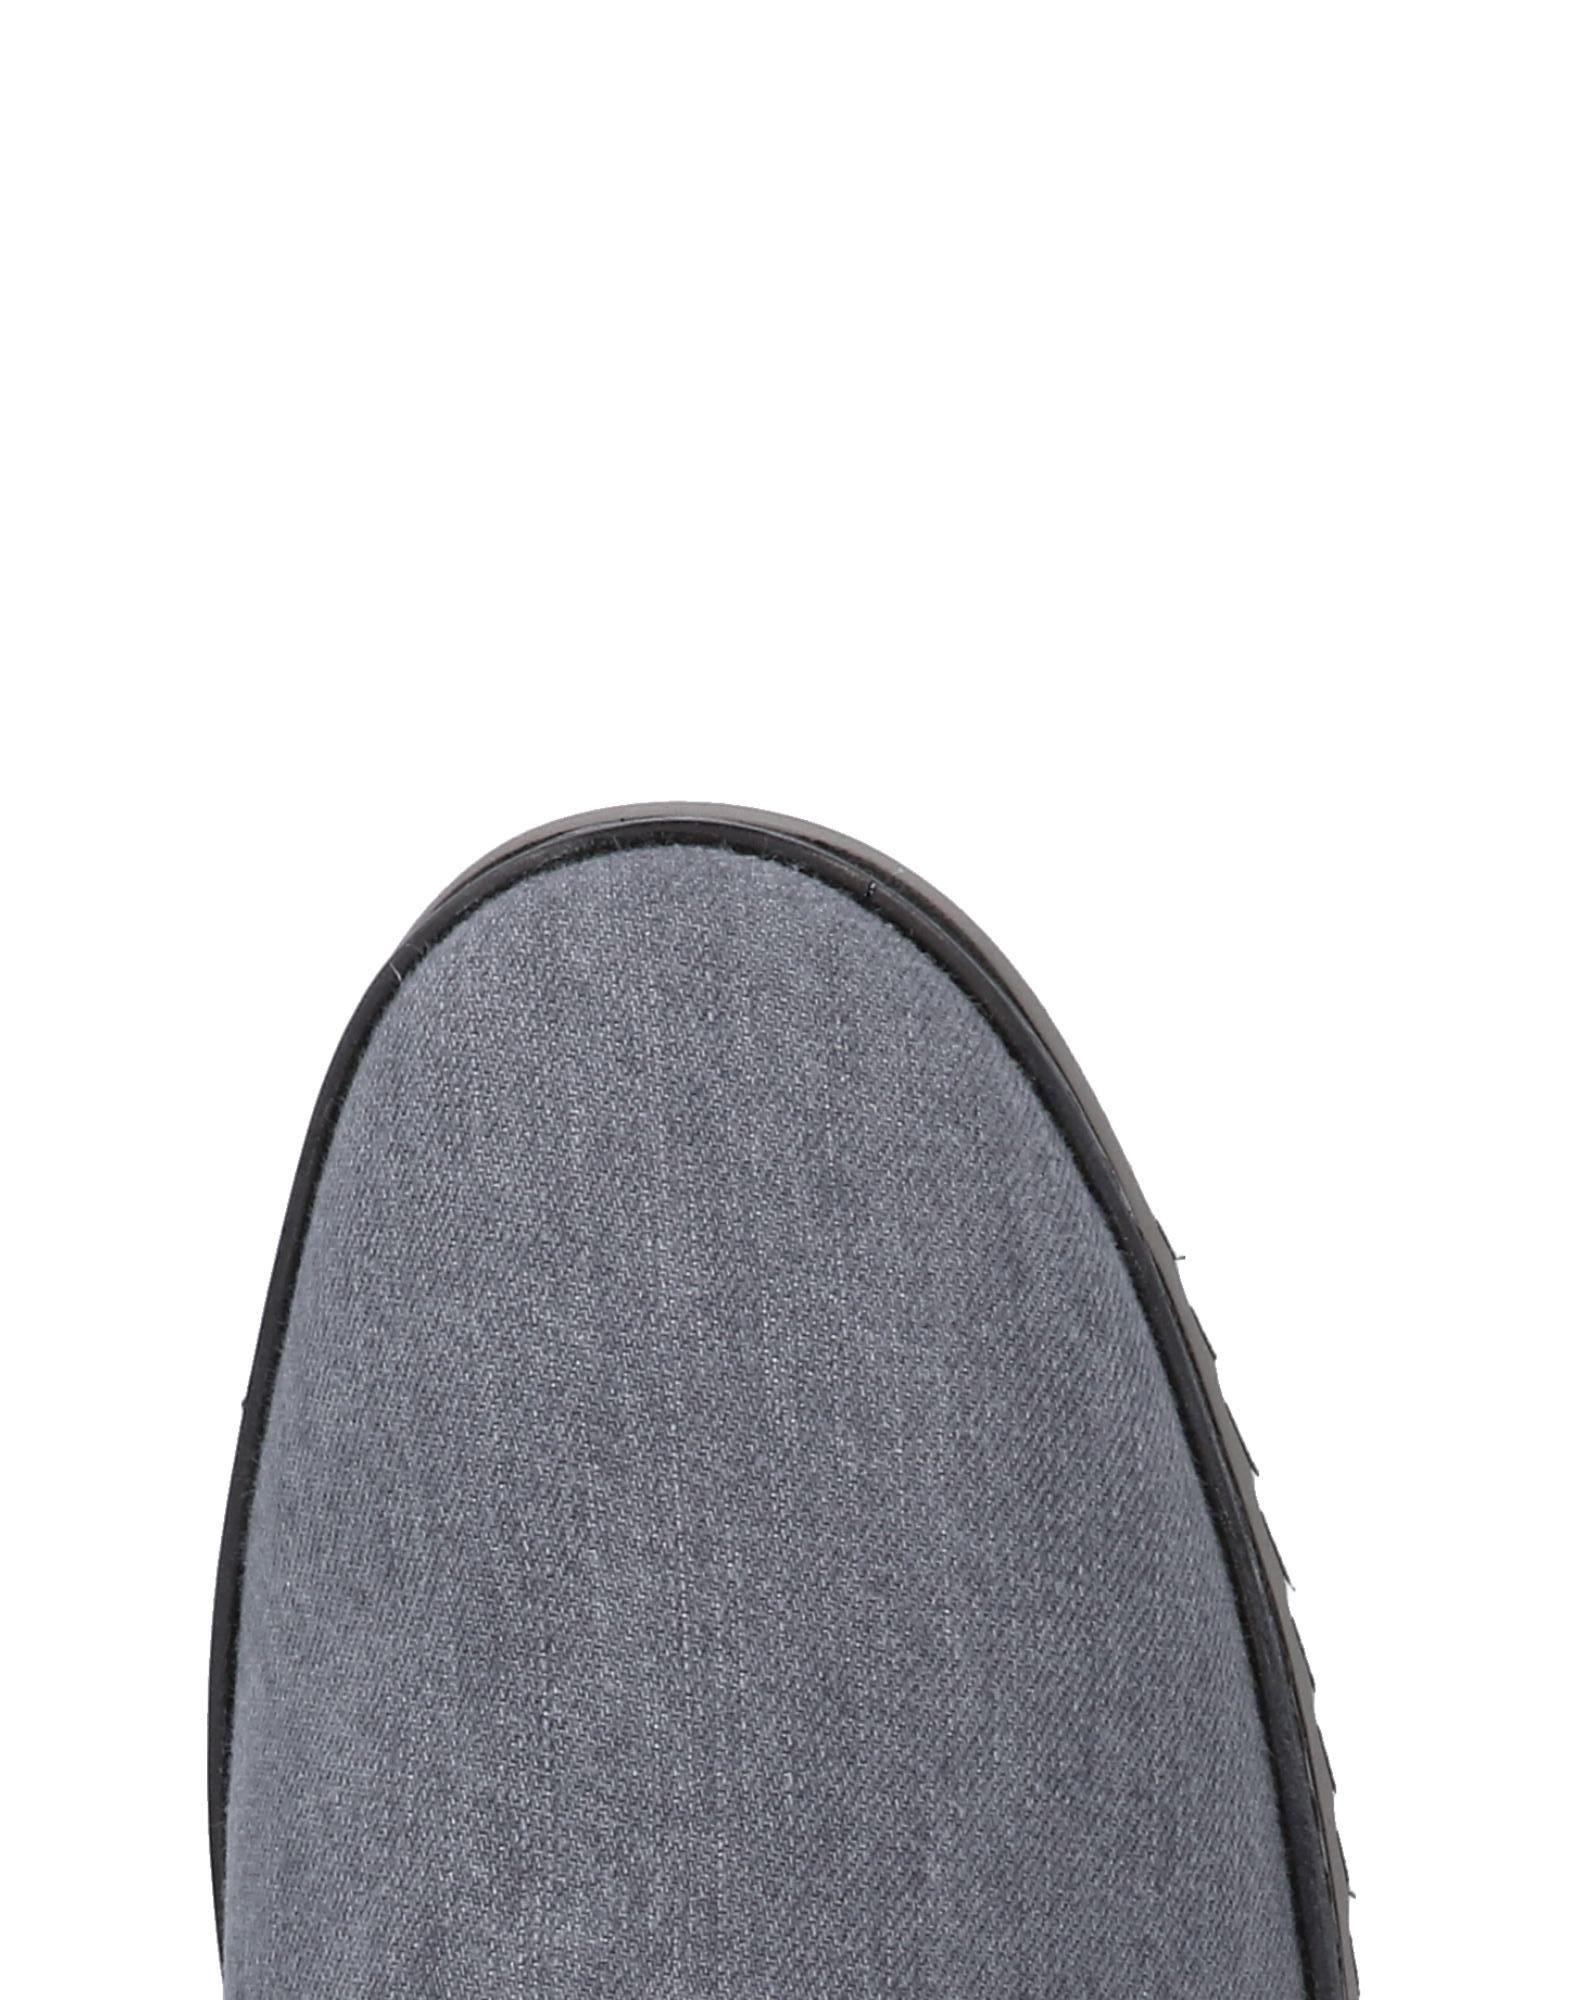 Dolce & Gabbana Sneakers Schuhe Herren  11264526IO Neue Schuhe Sneakers a9c6a5